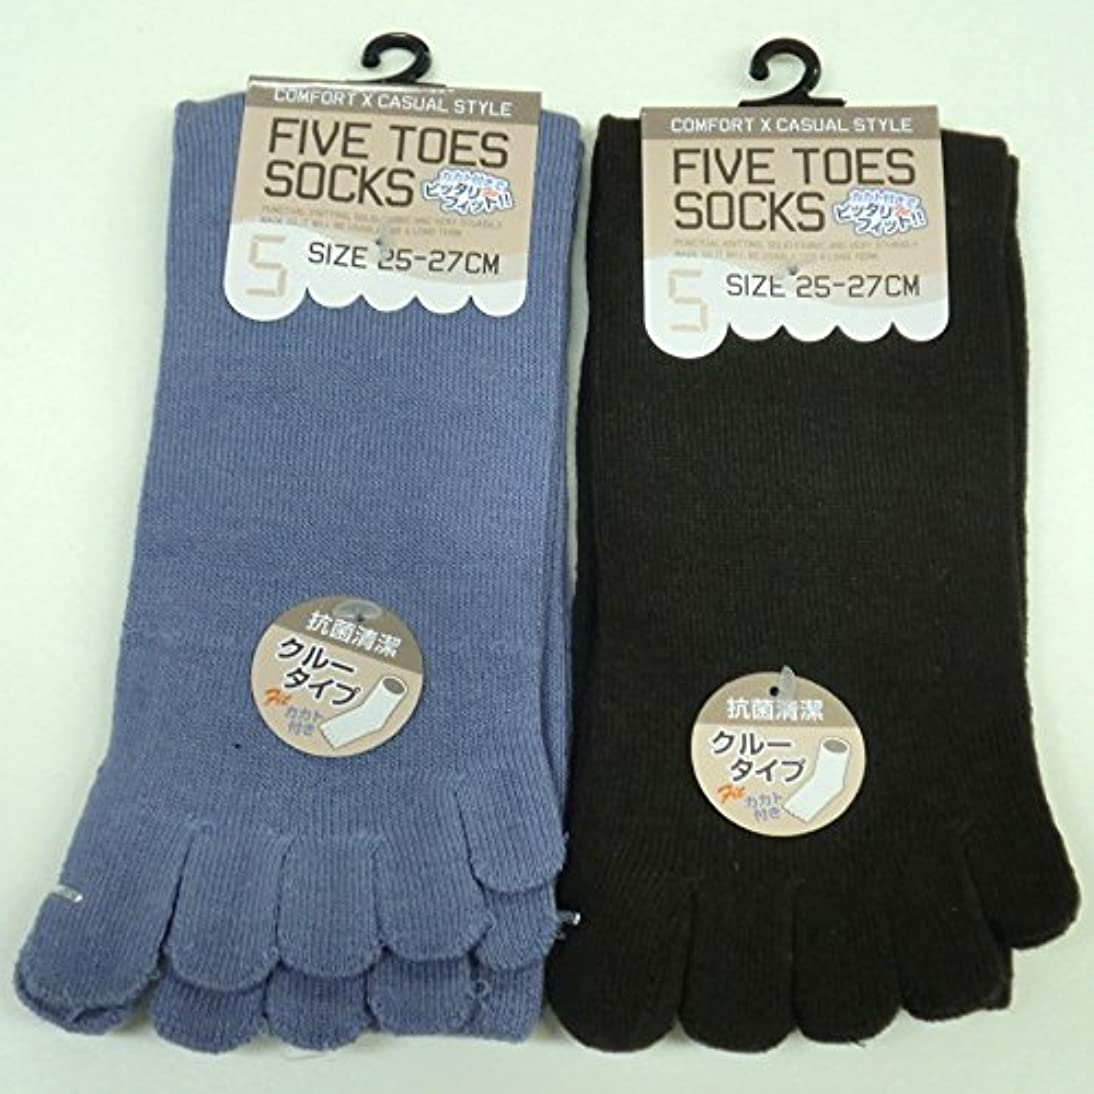 勇気春売る5本指ソックス メンズ 綿混 蒸れない快適 5本指靴下 かかと付 25-27cm 5足組(色はお任せ)